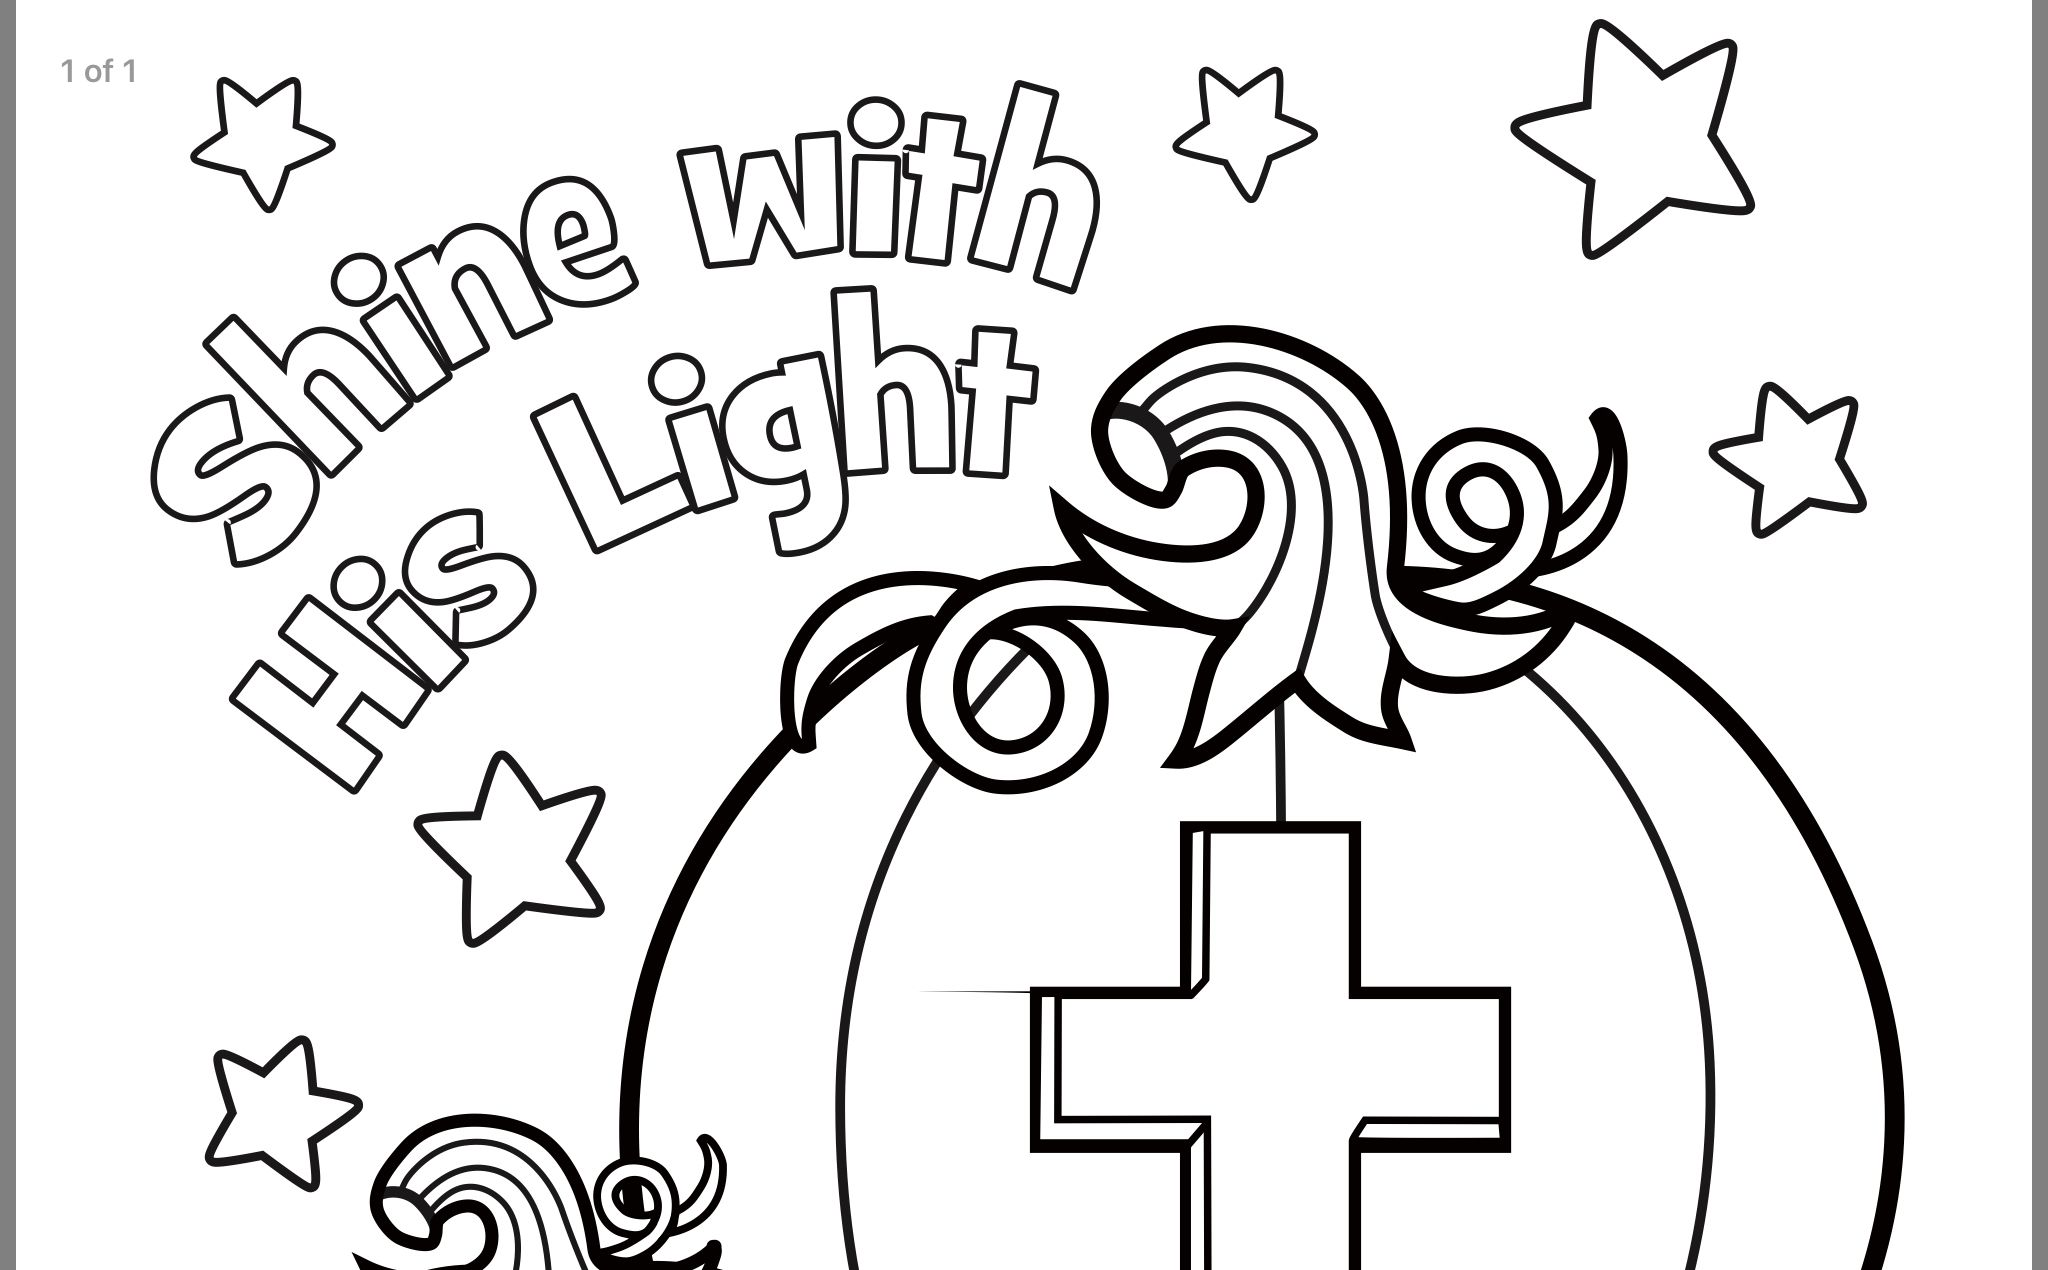 Pin by doris pennington on Bible crafts Bible crafts